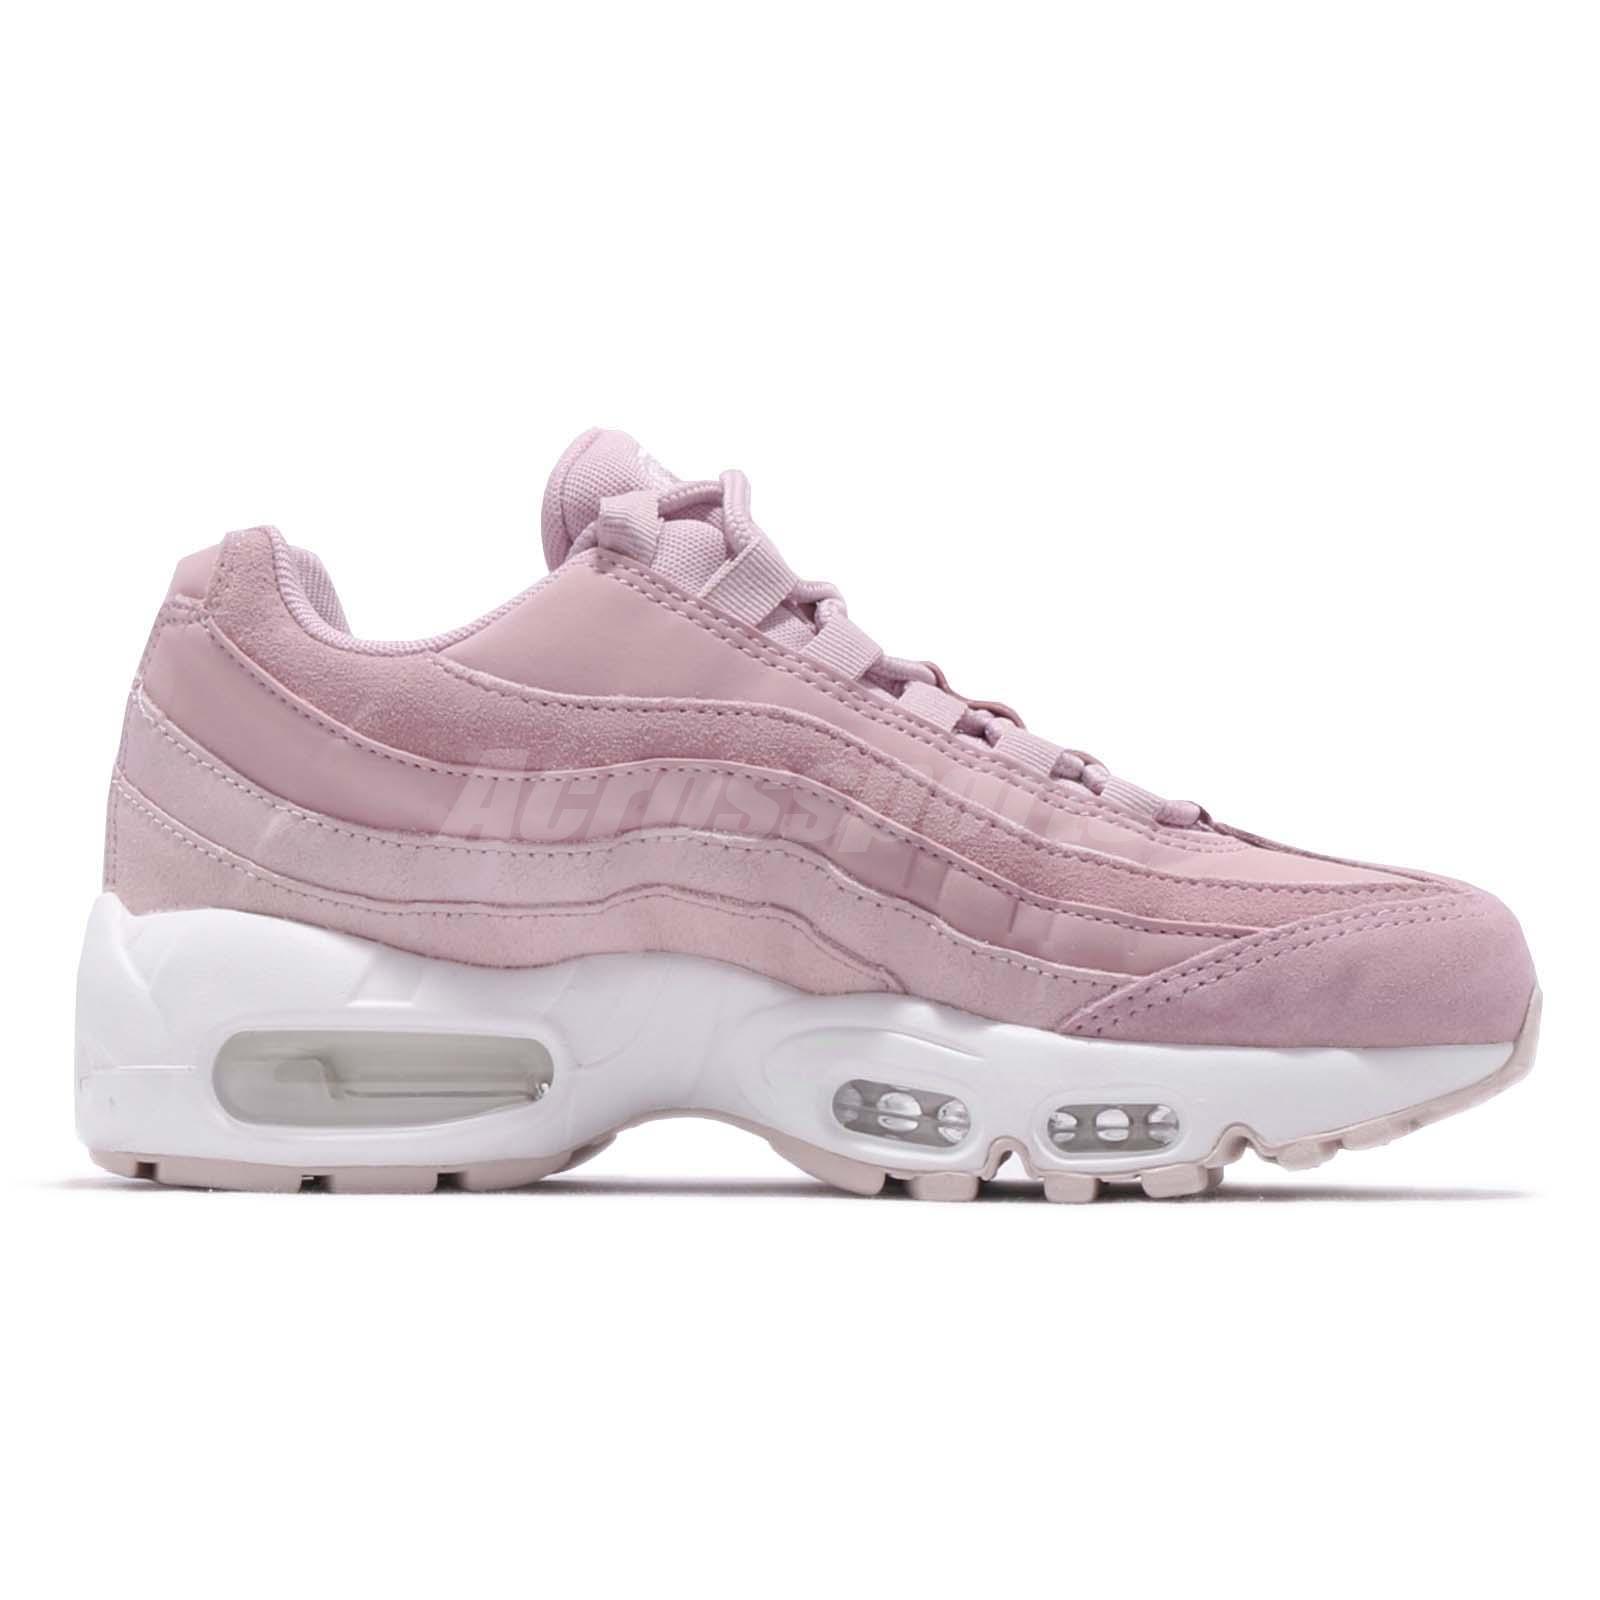 NIKE AIR MAX 95 PREMIUM 807443 503 pink women's sneakers air max 97 98 1   eBay